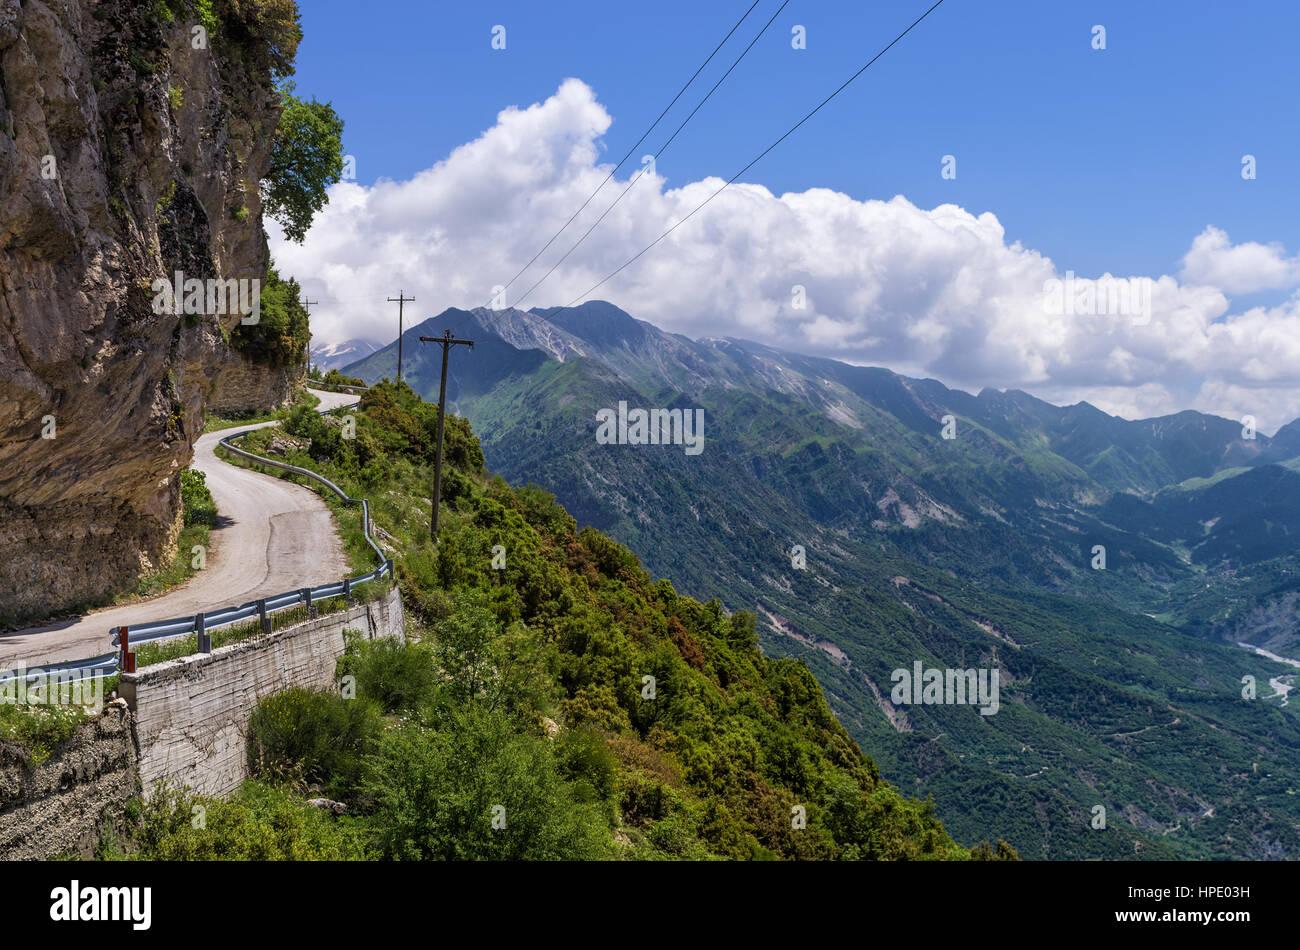 Mountainous road in Tzoumerka, Epirus, Greece - Stock Image